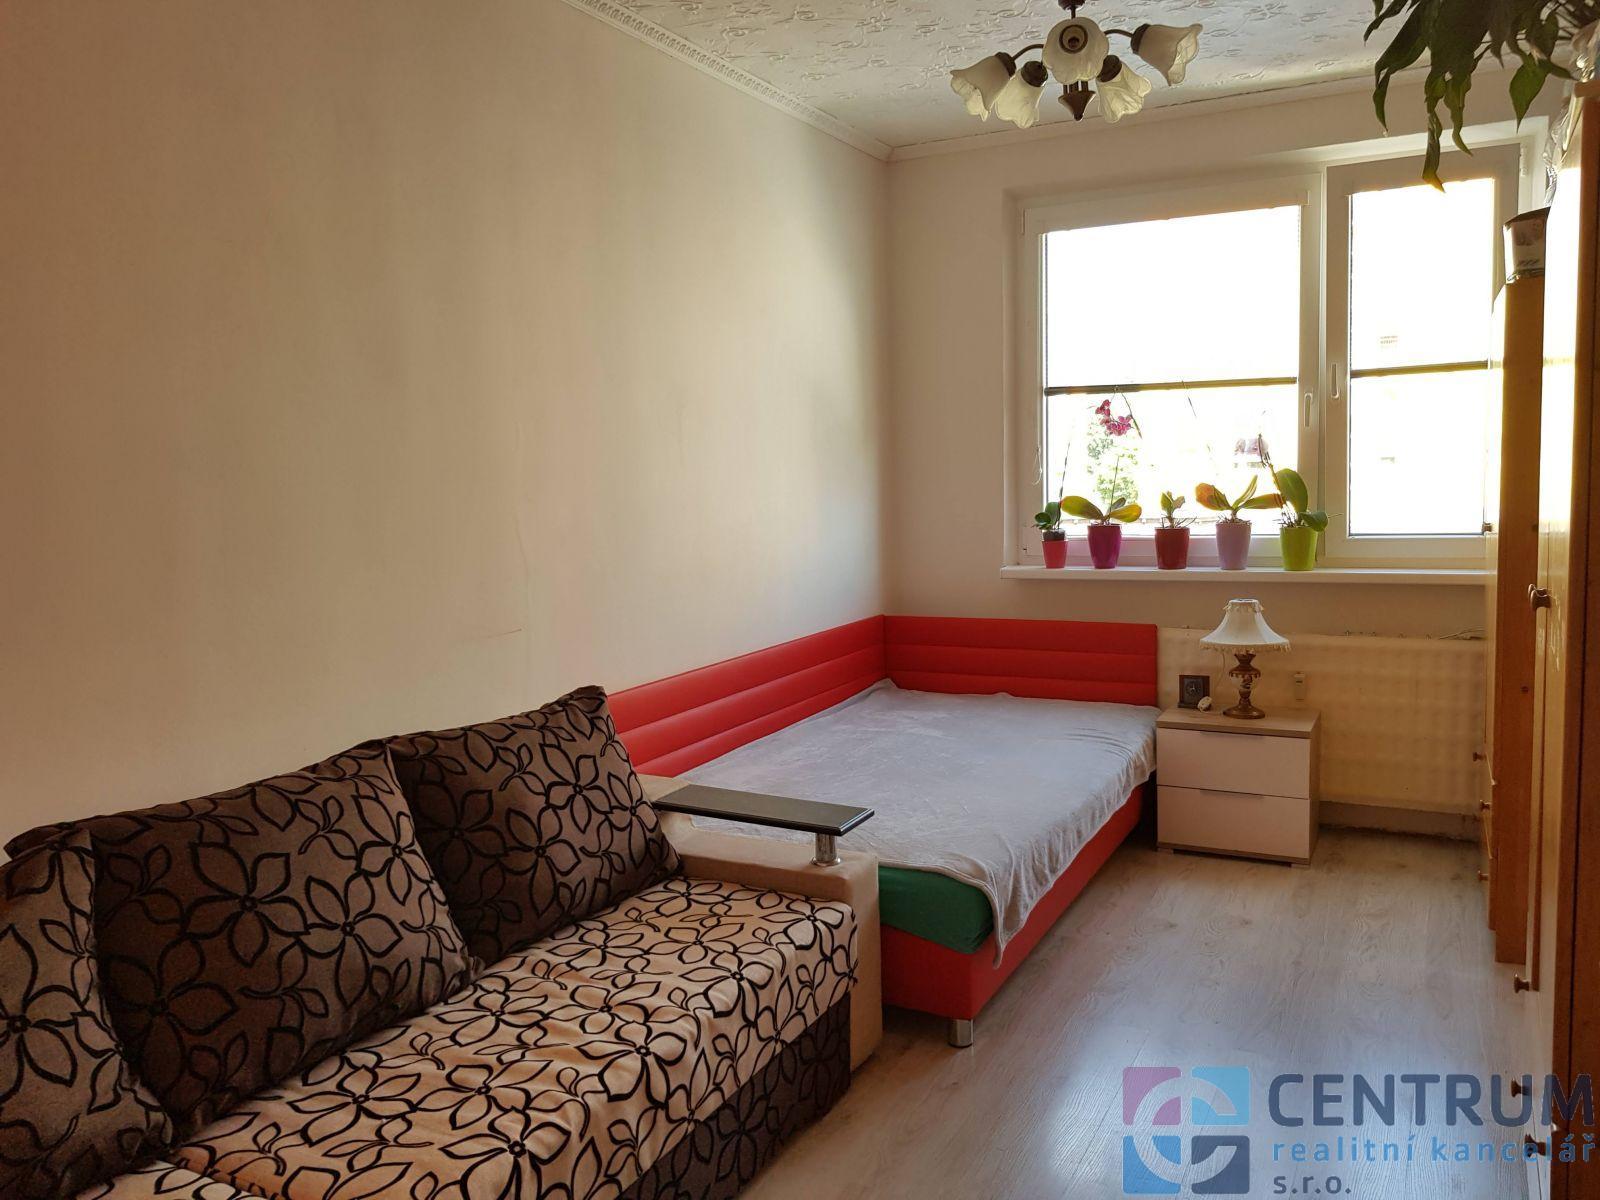 Prodej bytu 3+1 v Jablonci nad Nisou, ul. Na Vršku